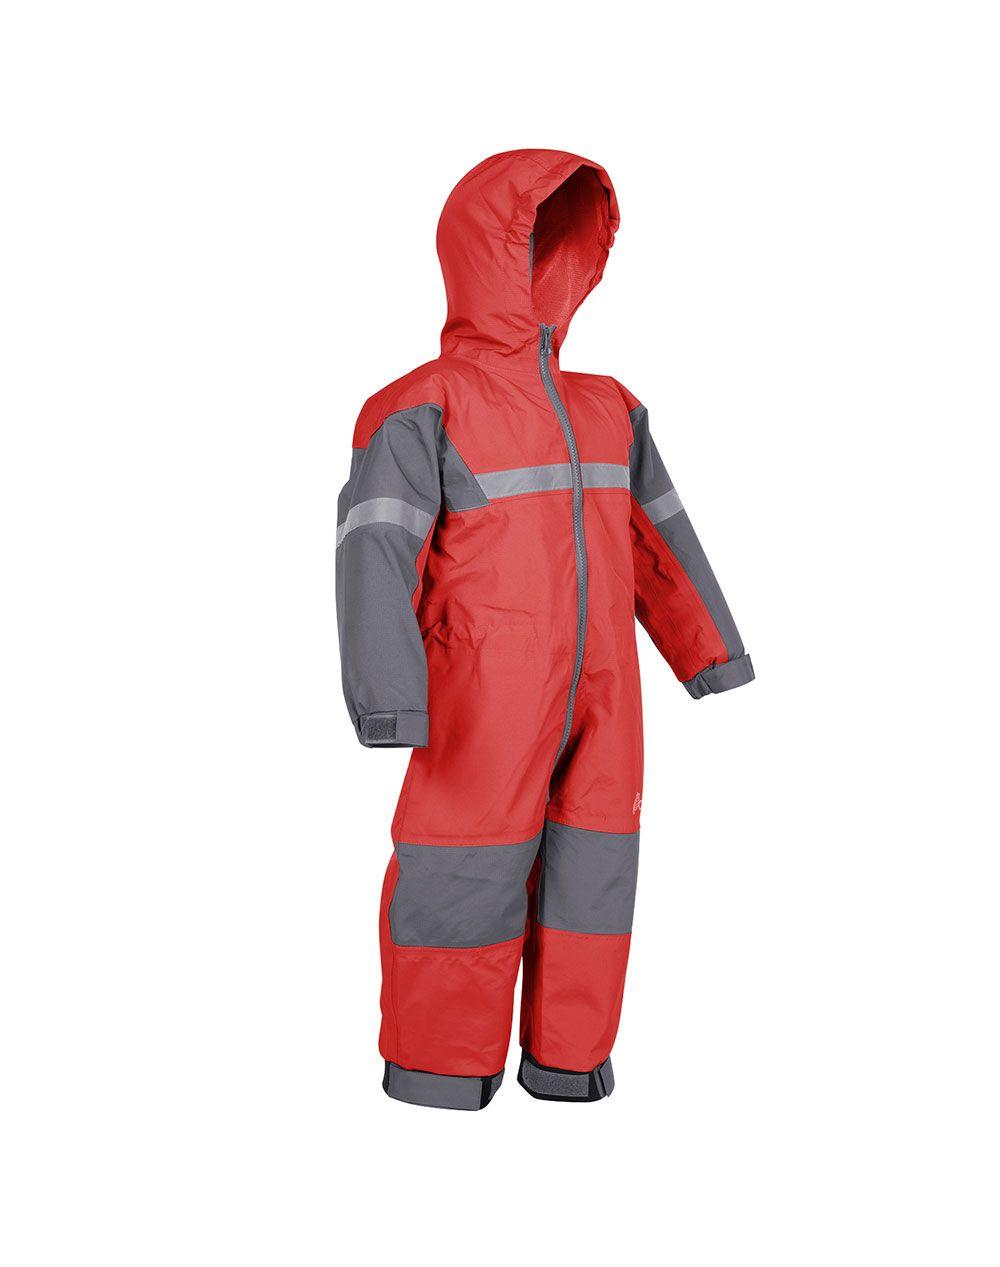 954d1a61c Children's Trail One Piece Rain Suit, Fiery Red | Oakiwear - Rain Gear,  Kids rain suits, kids waders, kids rain gear, and kids rain coats